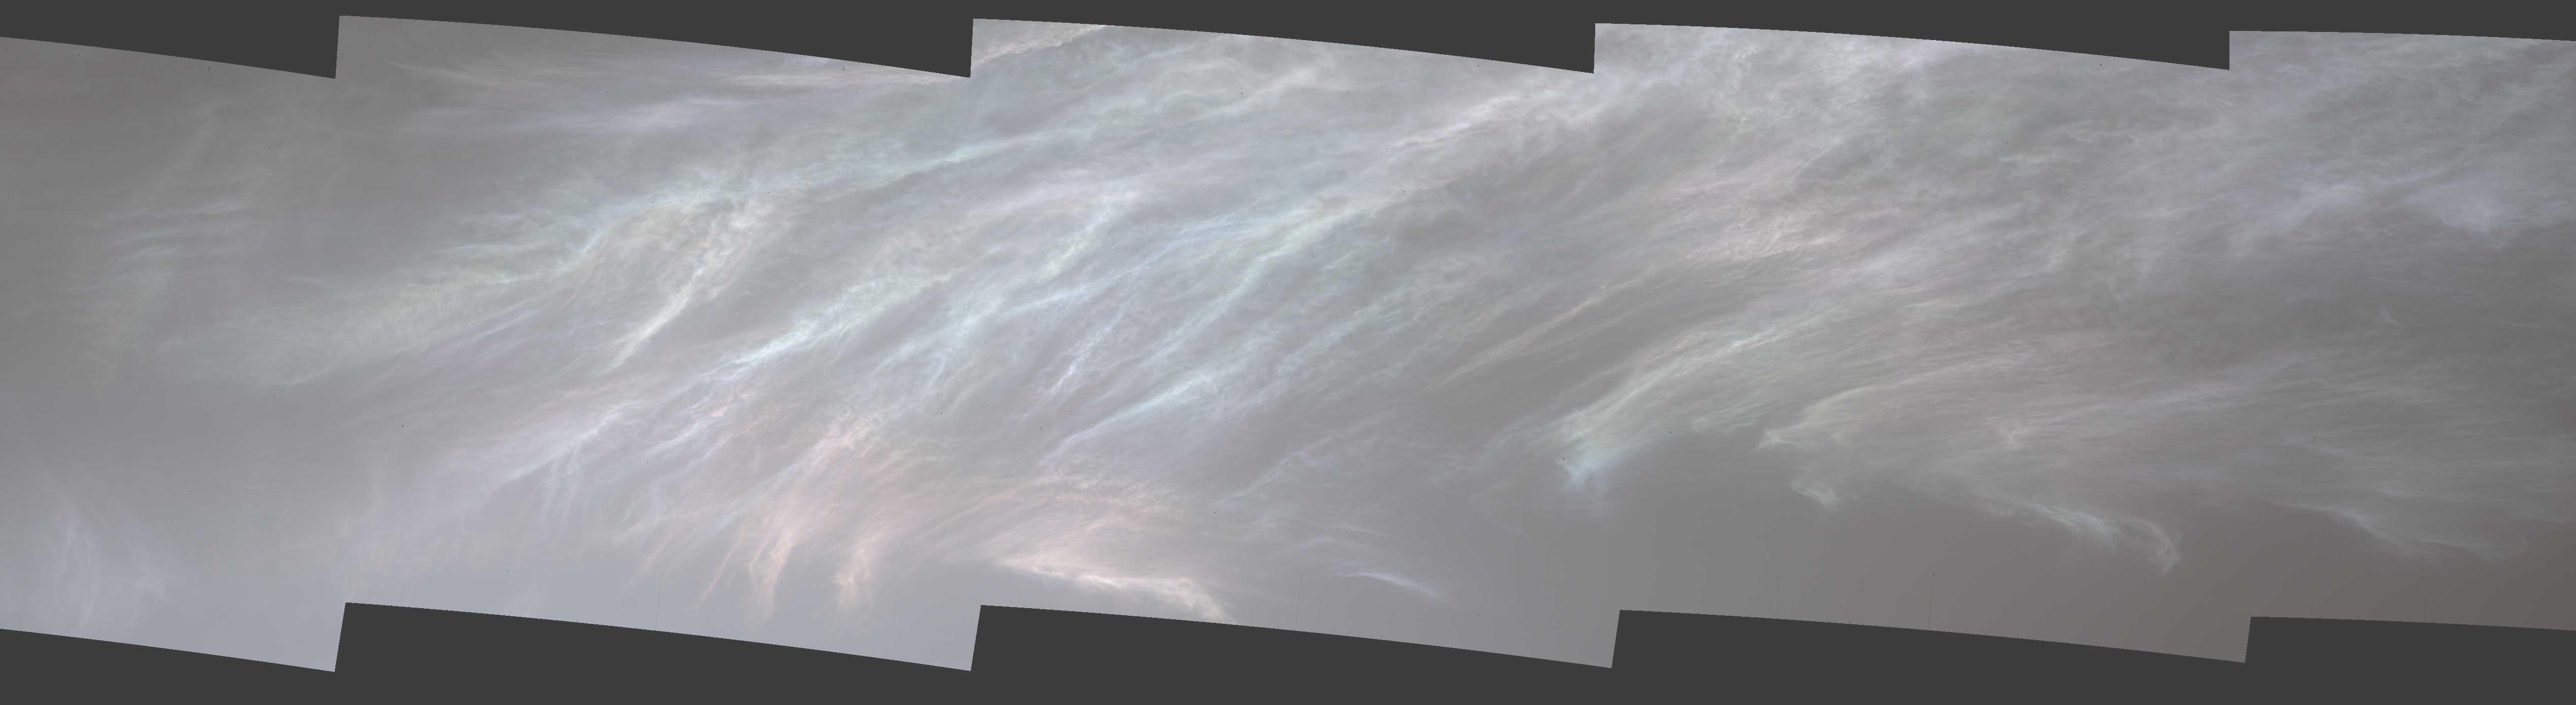 Как выглядит марсианское небо: марсоход NASA сделал несколько фотографий  - фото 2